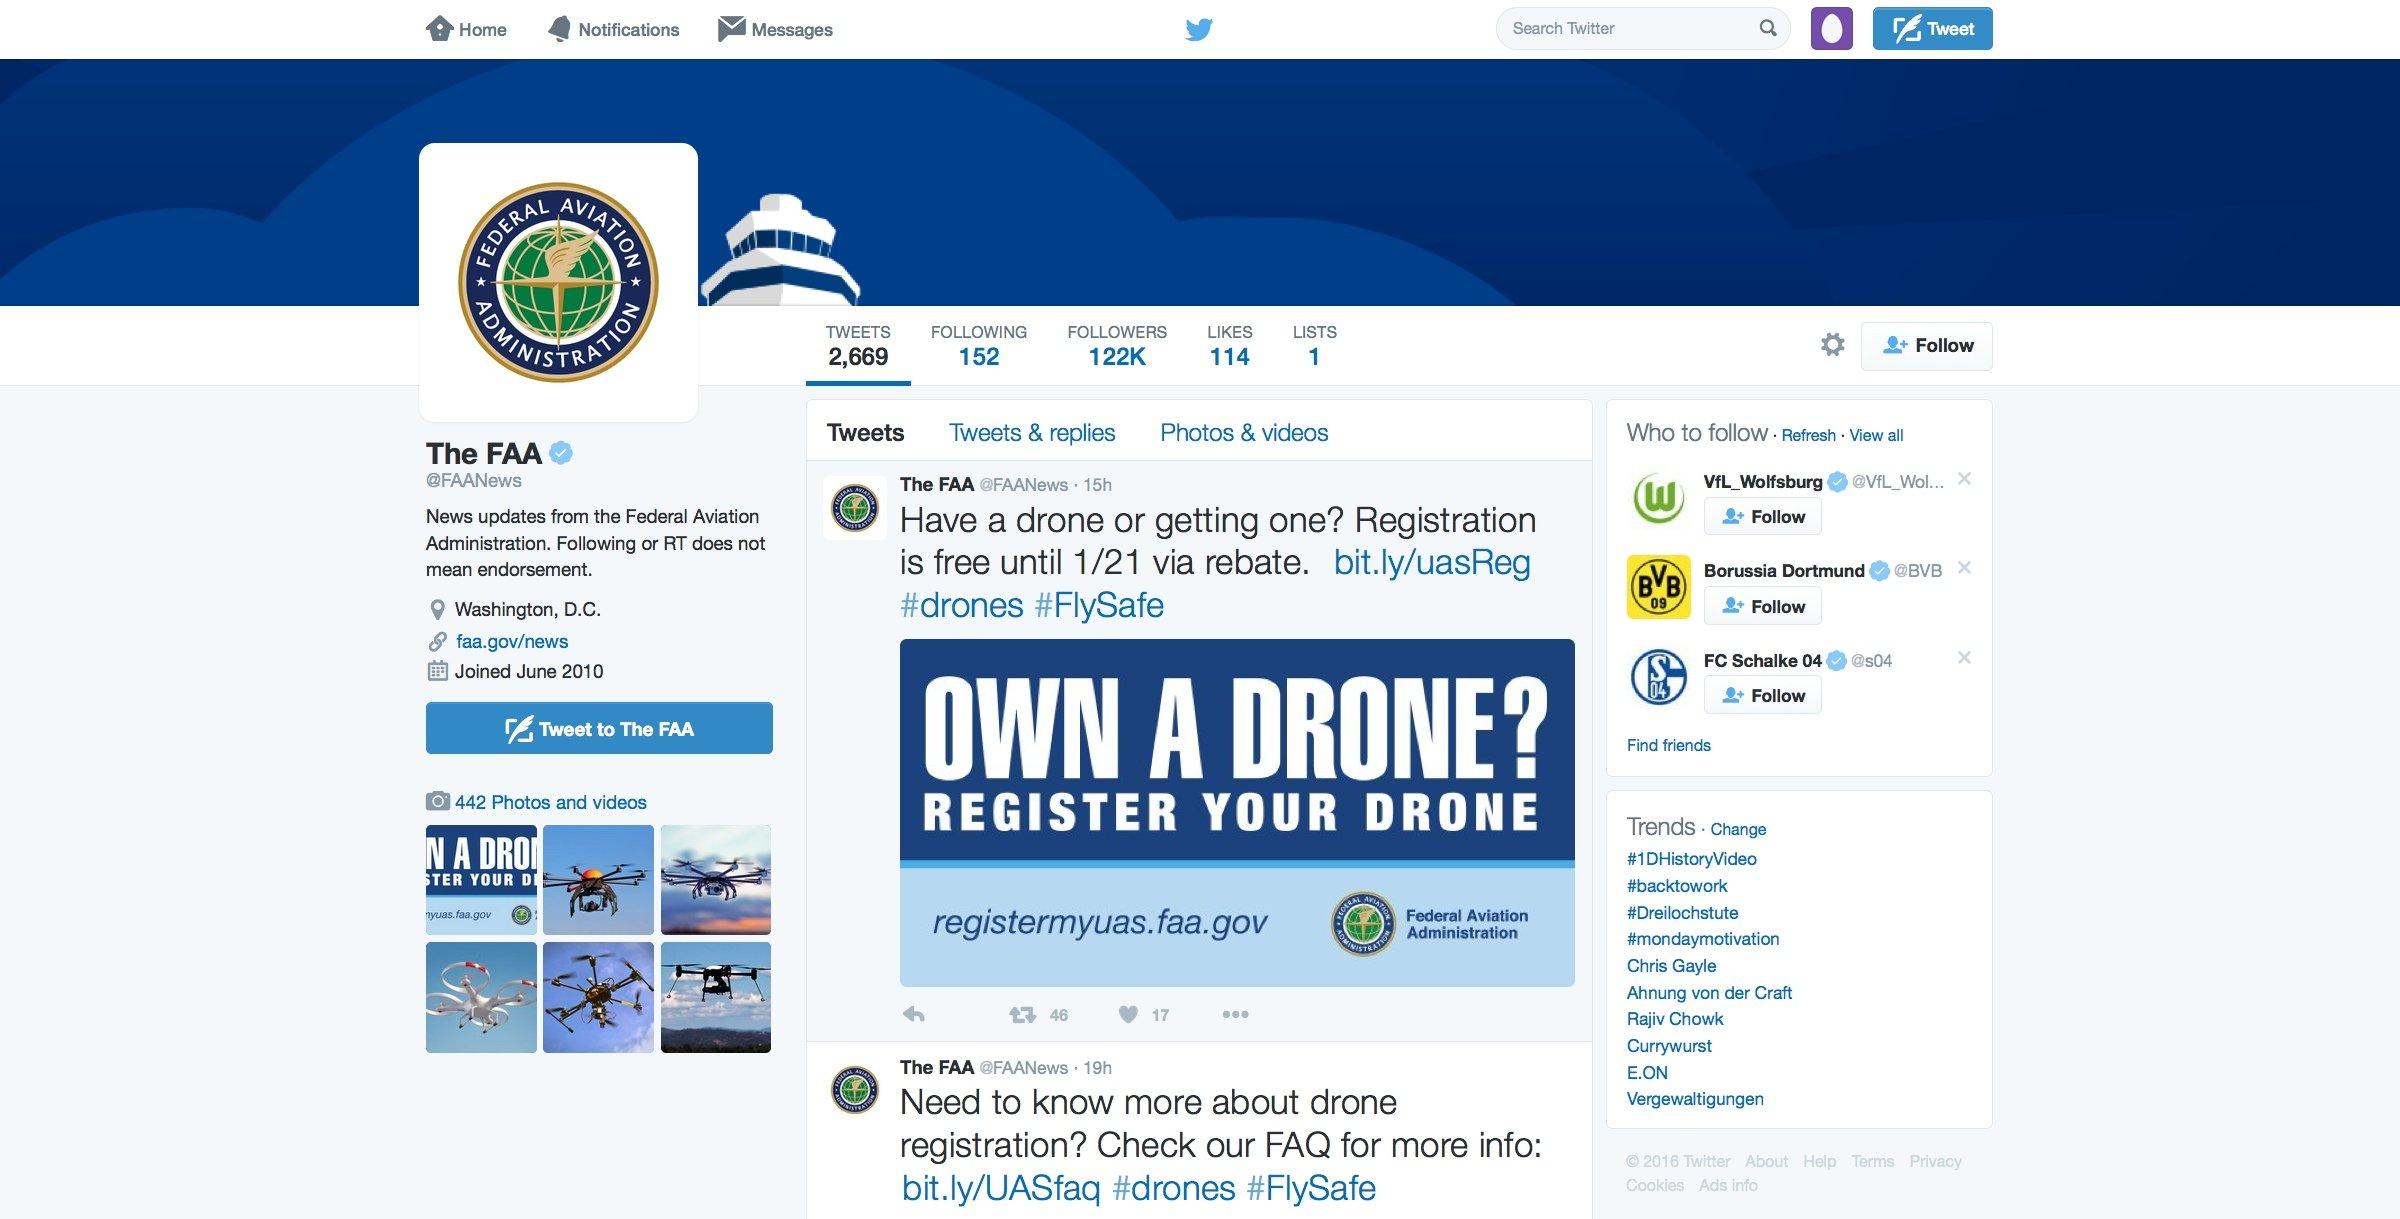 Selbst per Twitter wirbt die Flugaufsicht FAA dafür, Drohnen ab 250 g in den USA zu registrieren. Bei Unfällen können die Inhaber der Drohnen so schnell registriert werden.